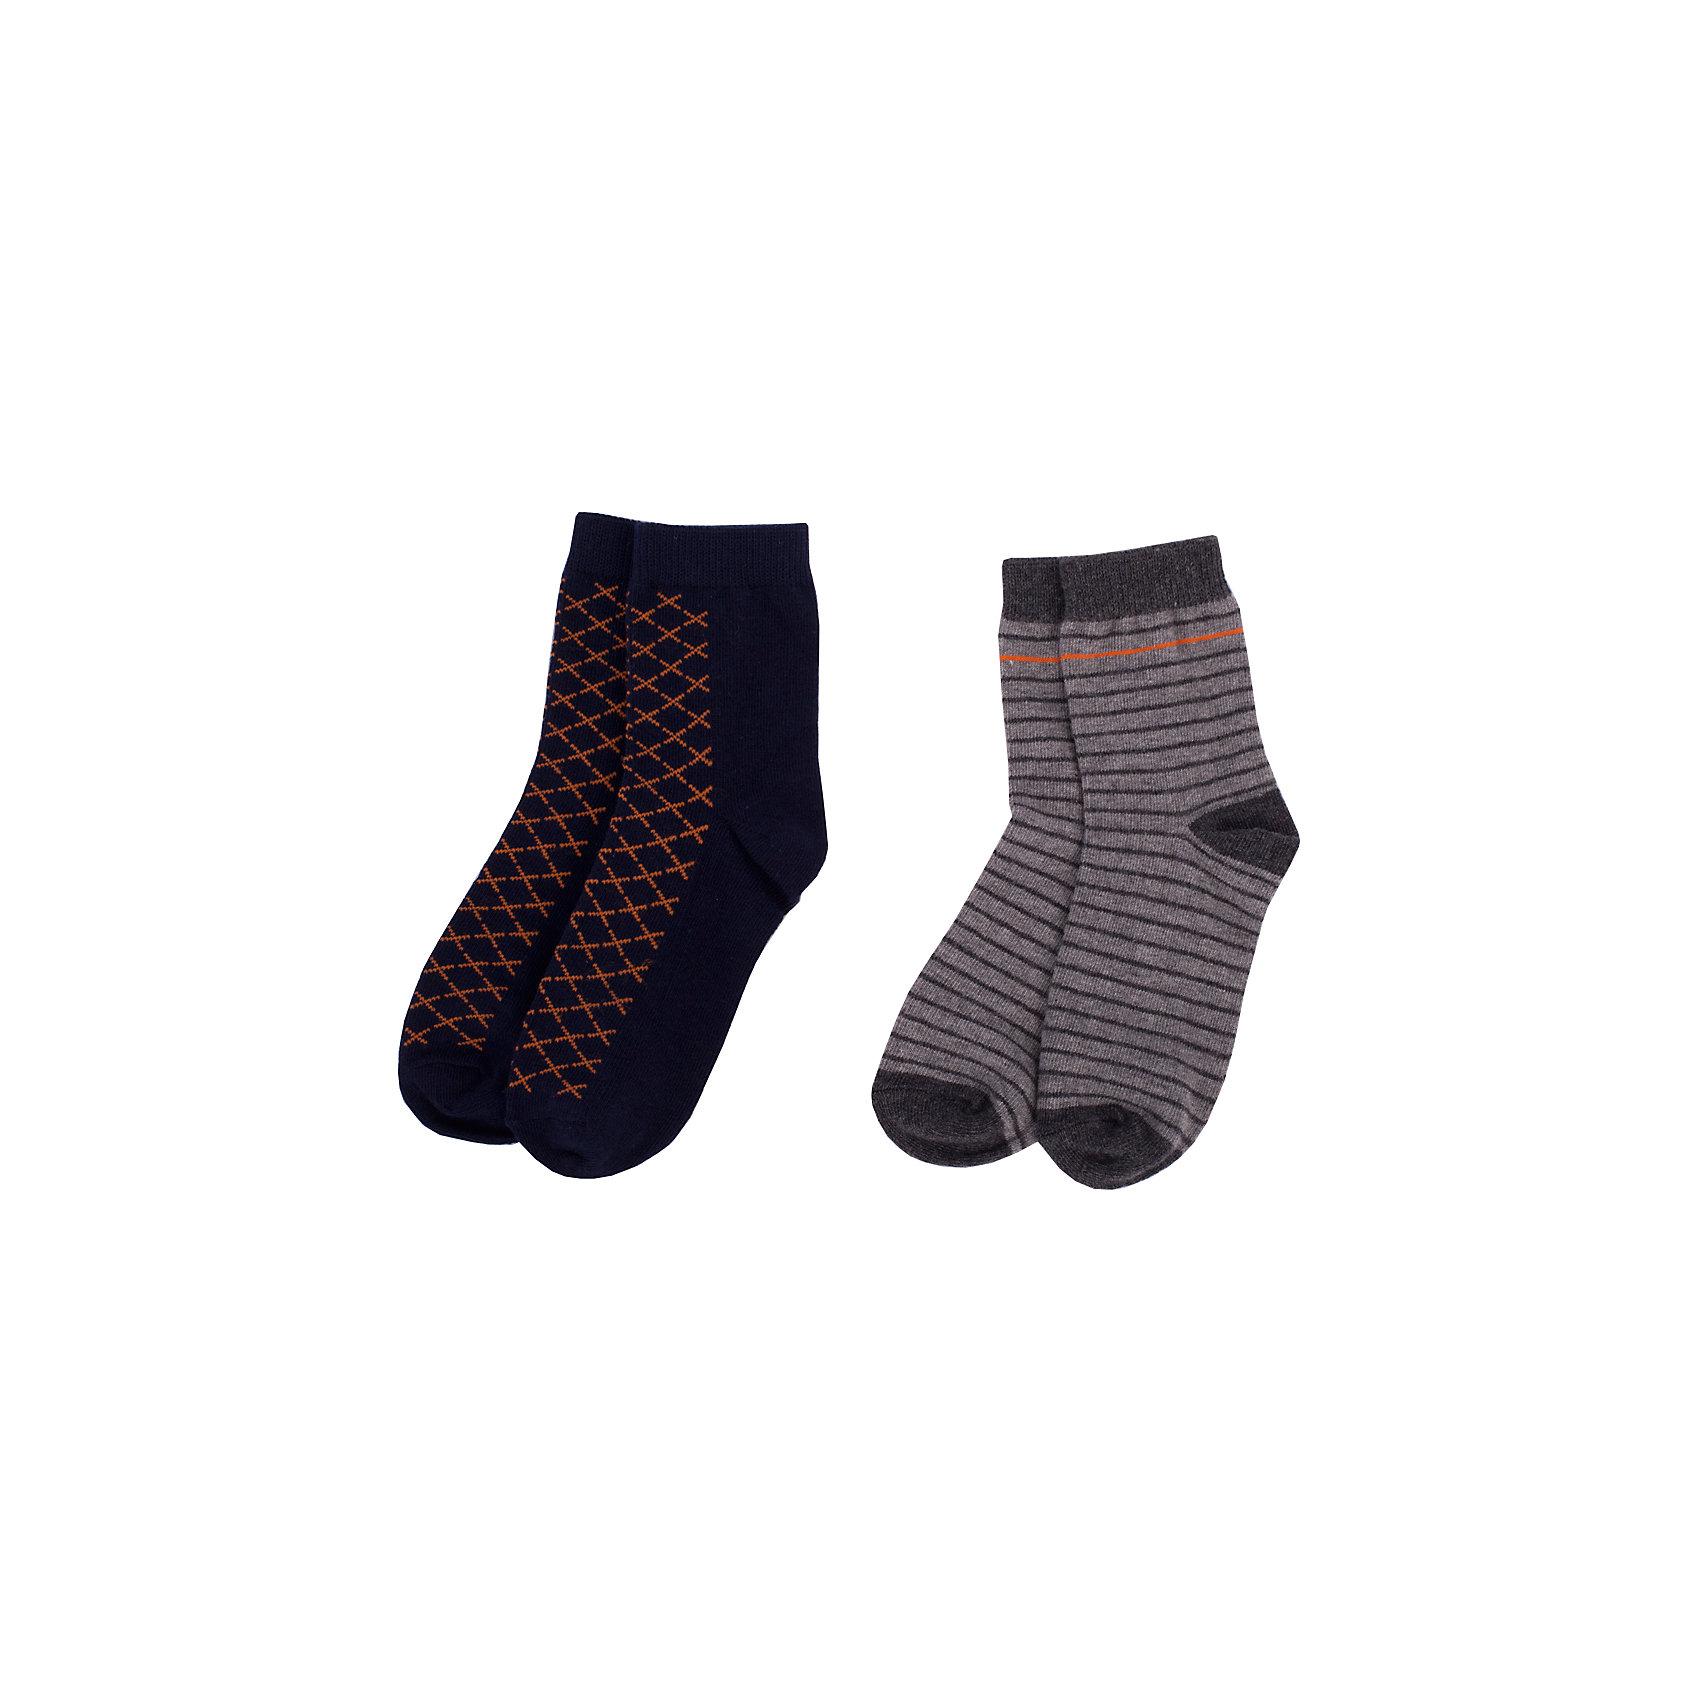 Носки BUTTON BLUE для мальчикаНоски<br>Носки BUTTON BLUE для мальчика<br>Детские носки - необходимая вещь на каждый день. И их в гардеробе ребенка должно быть немало. Если вы решили дополнить осенне-зимний гардероб ребенка хлопковыми носками, вам необходимо купить комплект из трех пар. Вы думаете, что хорошие и недорогие носки - это невозможно? Носки от Button Blue убедят вас в обратном!<br>Состав:<br>80%хлопок 18%полиамид 2% эластан<br><br>Ширина мм: 87<br>Глубина мм: 10<br>Высота мм: 105<br>Вес г: 115<br>Цвет: темно-синий<br>Возраст от месяцев: 15<br>Возраст до месяцев: 18<br>Пол: Мужской<br>Возраст: Детский<br>Размер: 22,14,16,20<br>SKU: 7039417